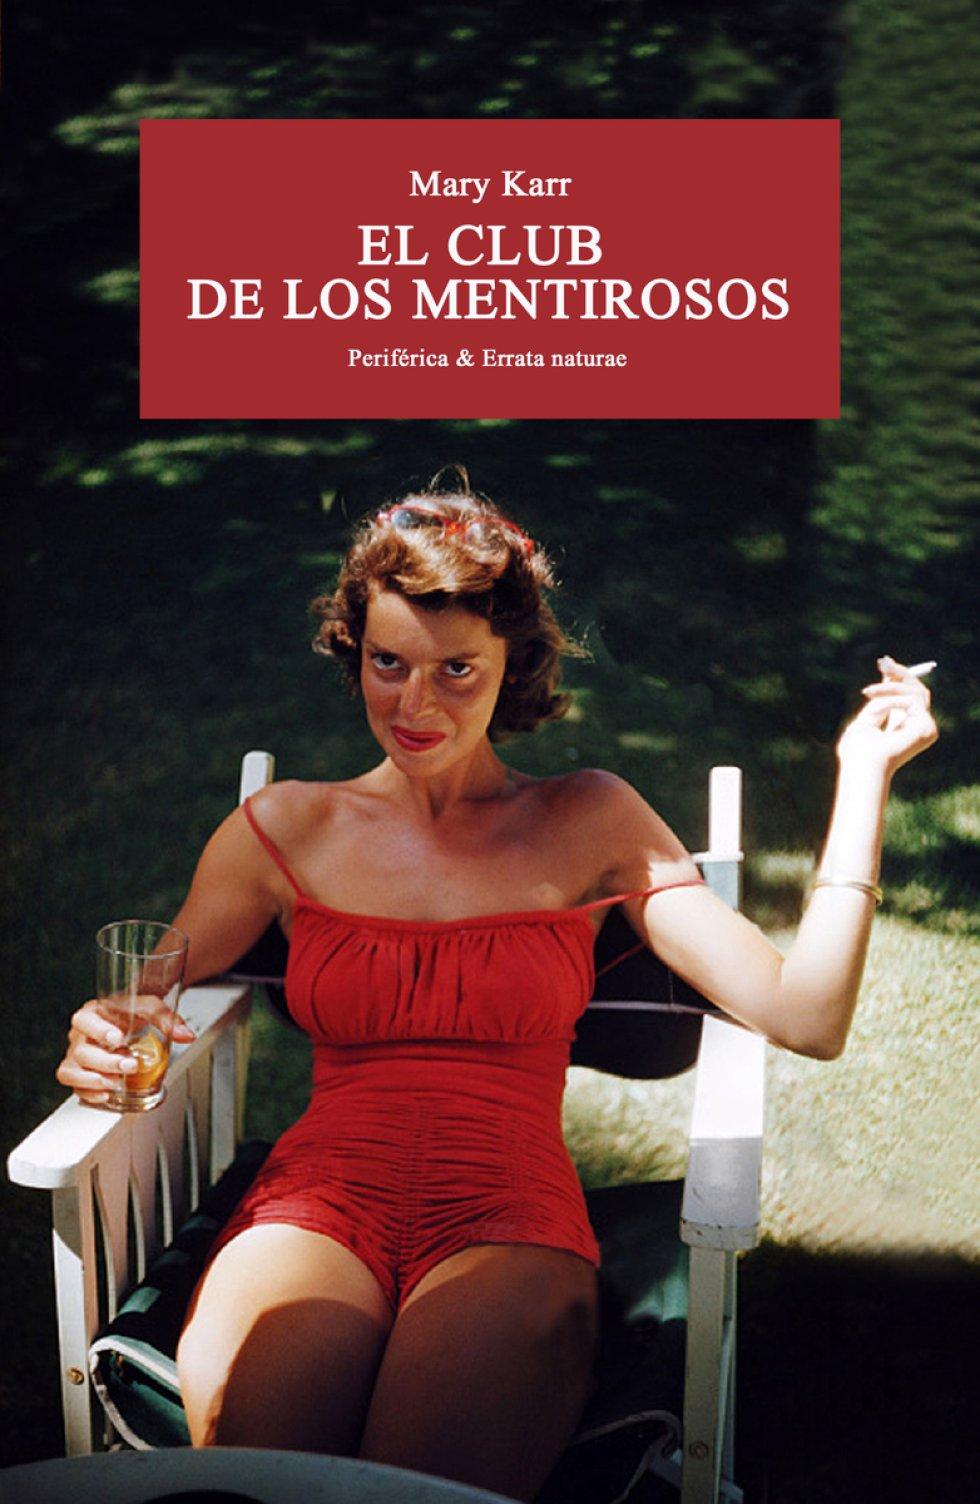 """EL CLUB DE LOS MENTIROSOS (Errata NaturaePeriférica). Mary Karr. Traducción de Regina López Muñoz. ¿Esto no es de cuando le disparaste a papá?"""", pregunta a su madre al descubrir un agujero en la pared. La madre responde que no: """"A tu padre le disparé ahí"""". Este libro, traducido por Regina López Muñoz, empieza así y el resto es un 'crescendo': secretos familiares, alcohol, viajes, comedia, tragedia. La vida de una mujer escrita en estado de gracia."""